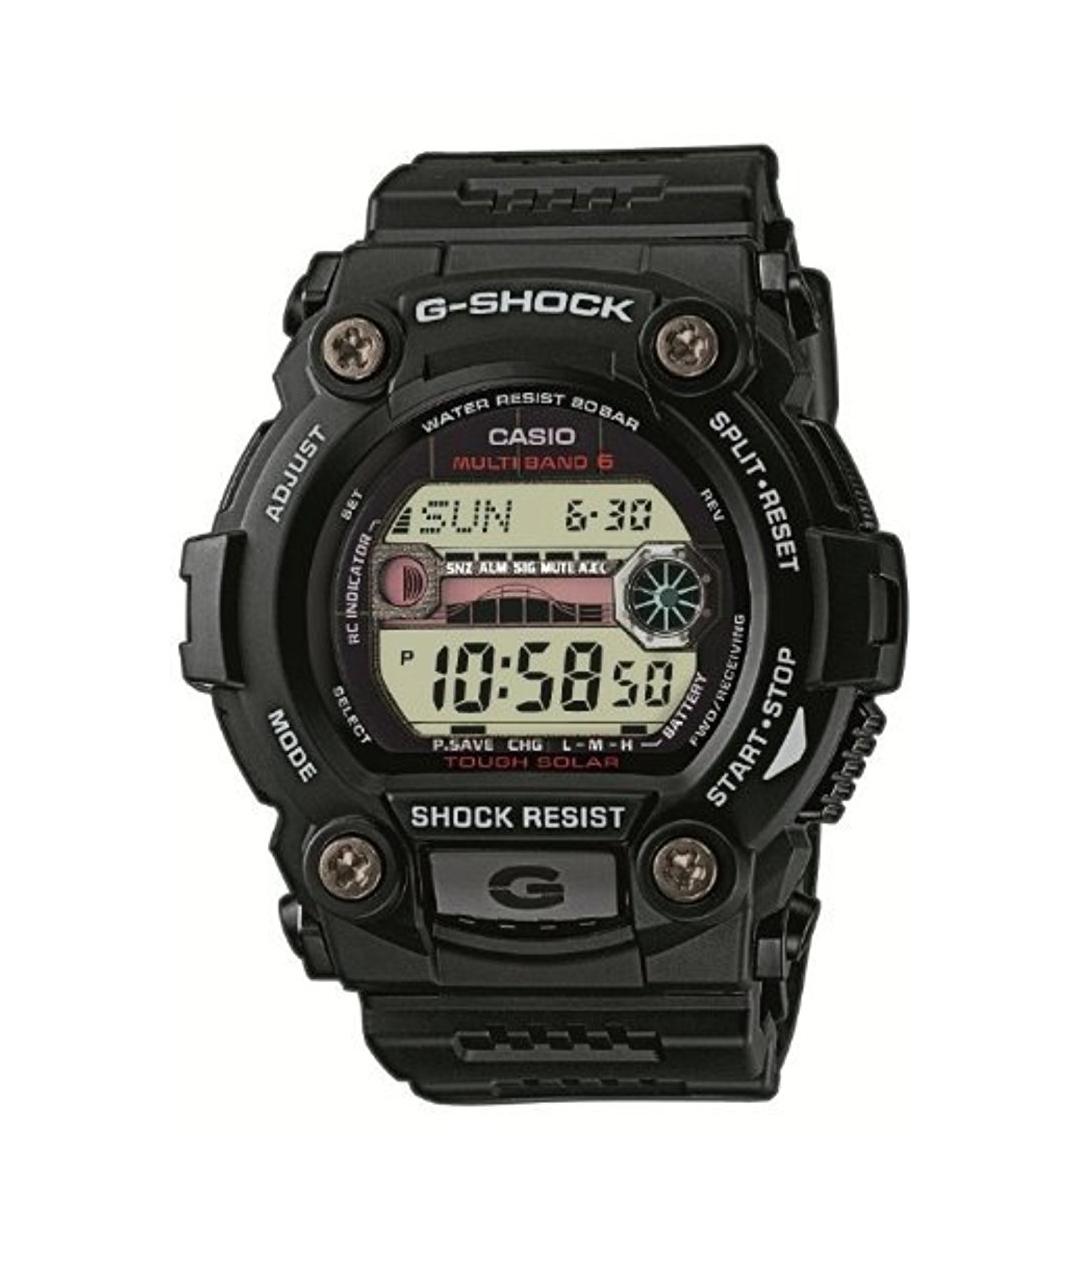 Montre Casio G-Shock GW-7900-1ER -  Noire